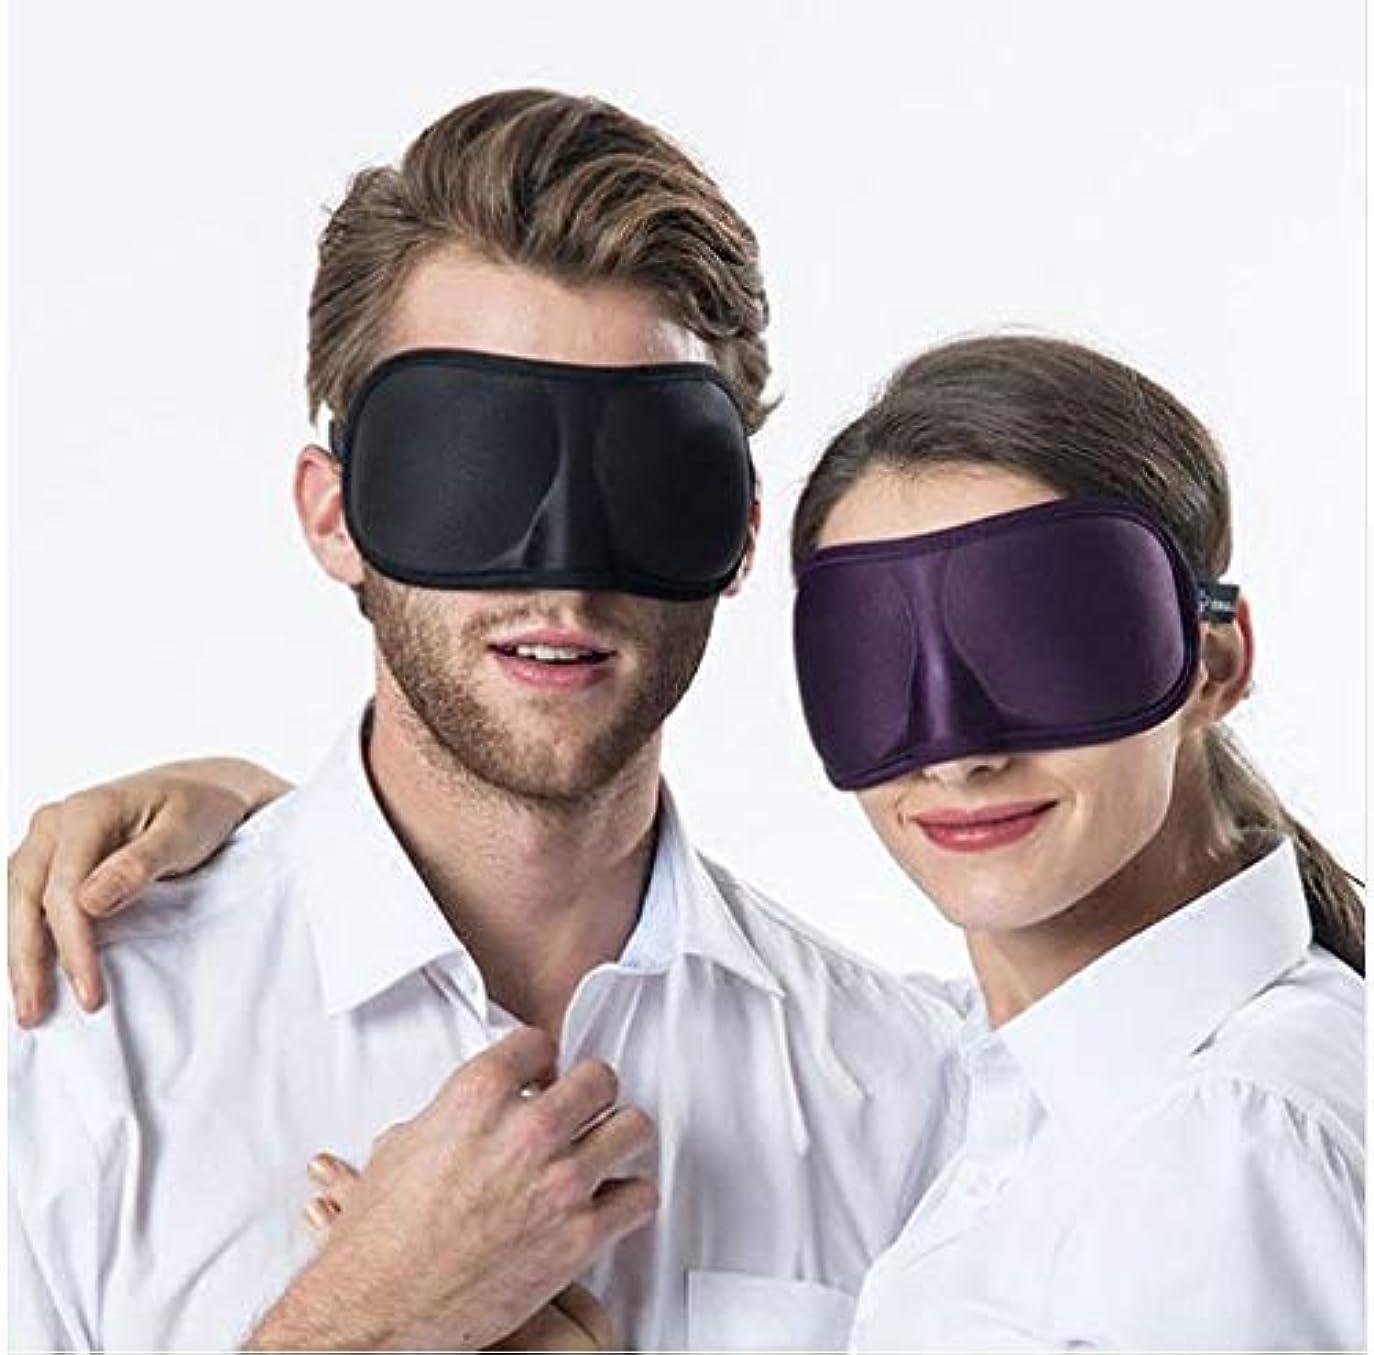 気をつけて十億食い違い3 D超柔らかい通気性の布アイシェード睡眠アイマスク携帯用旅行睡眠休息補助アイマスクカバーアイパッチ睡眠マスク